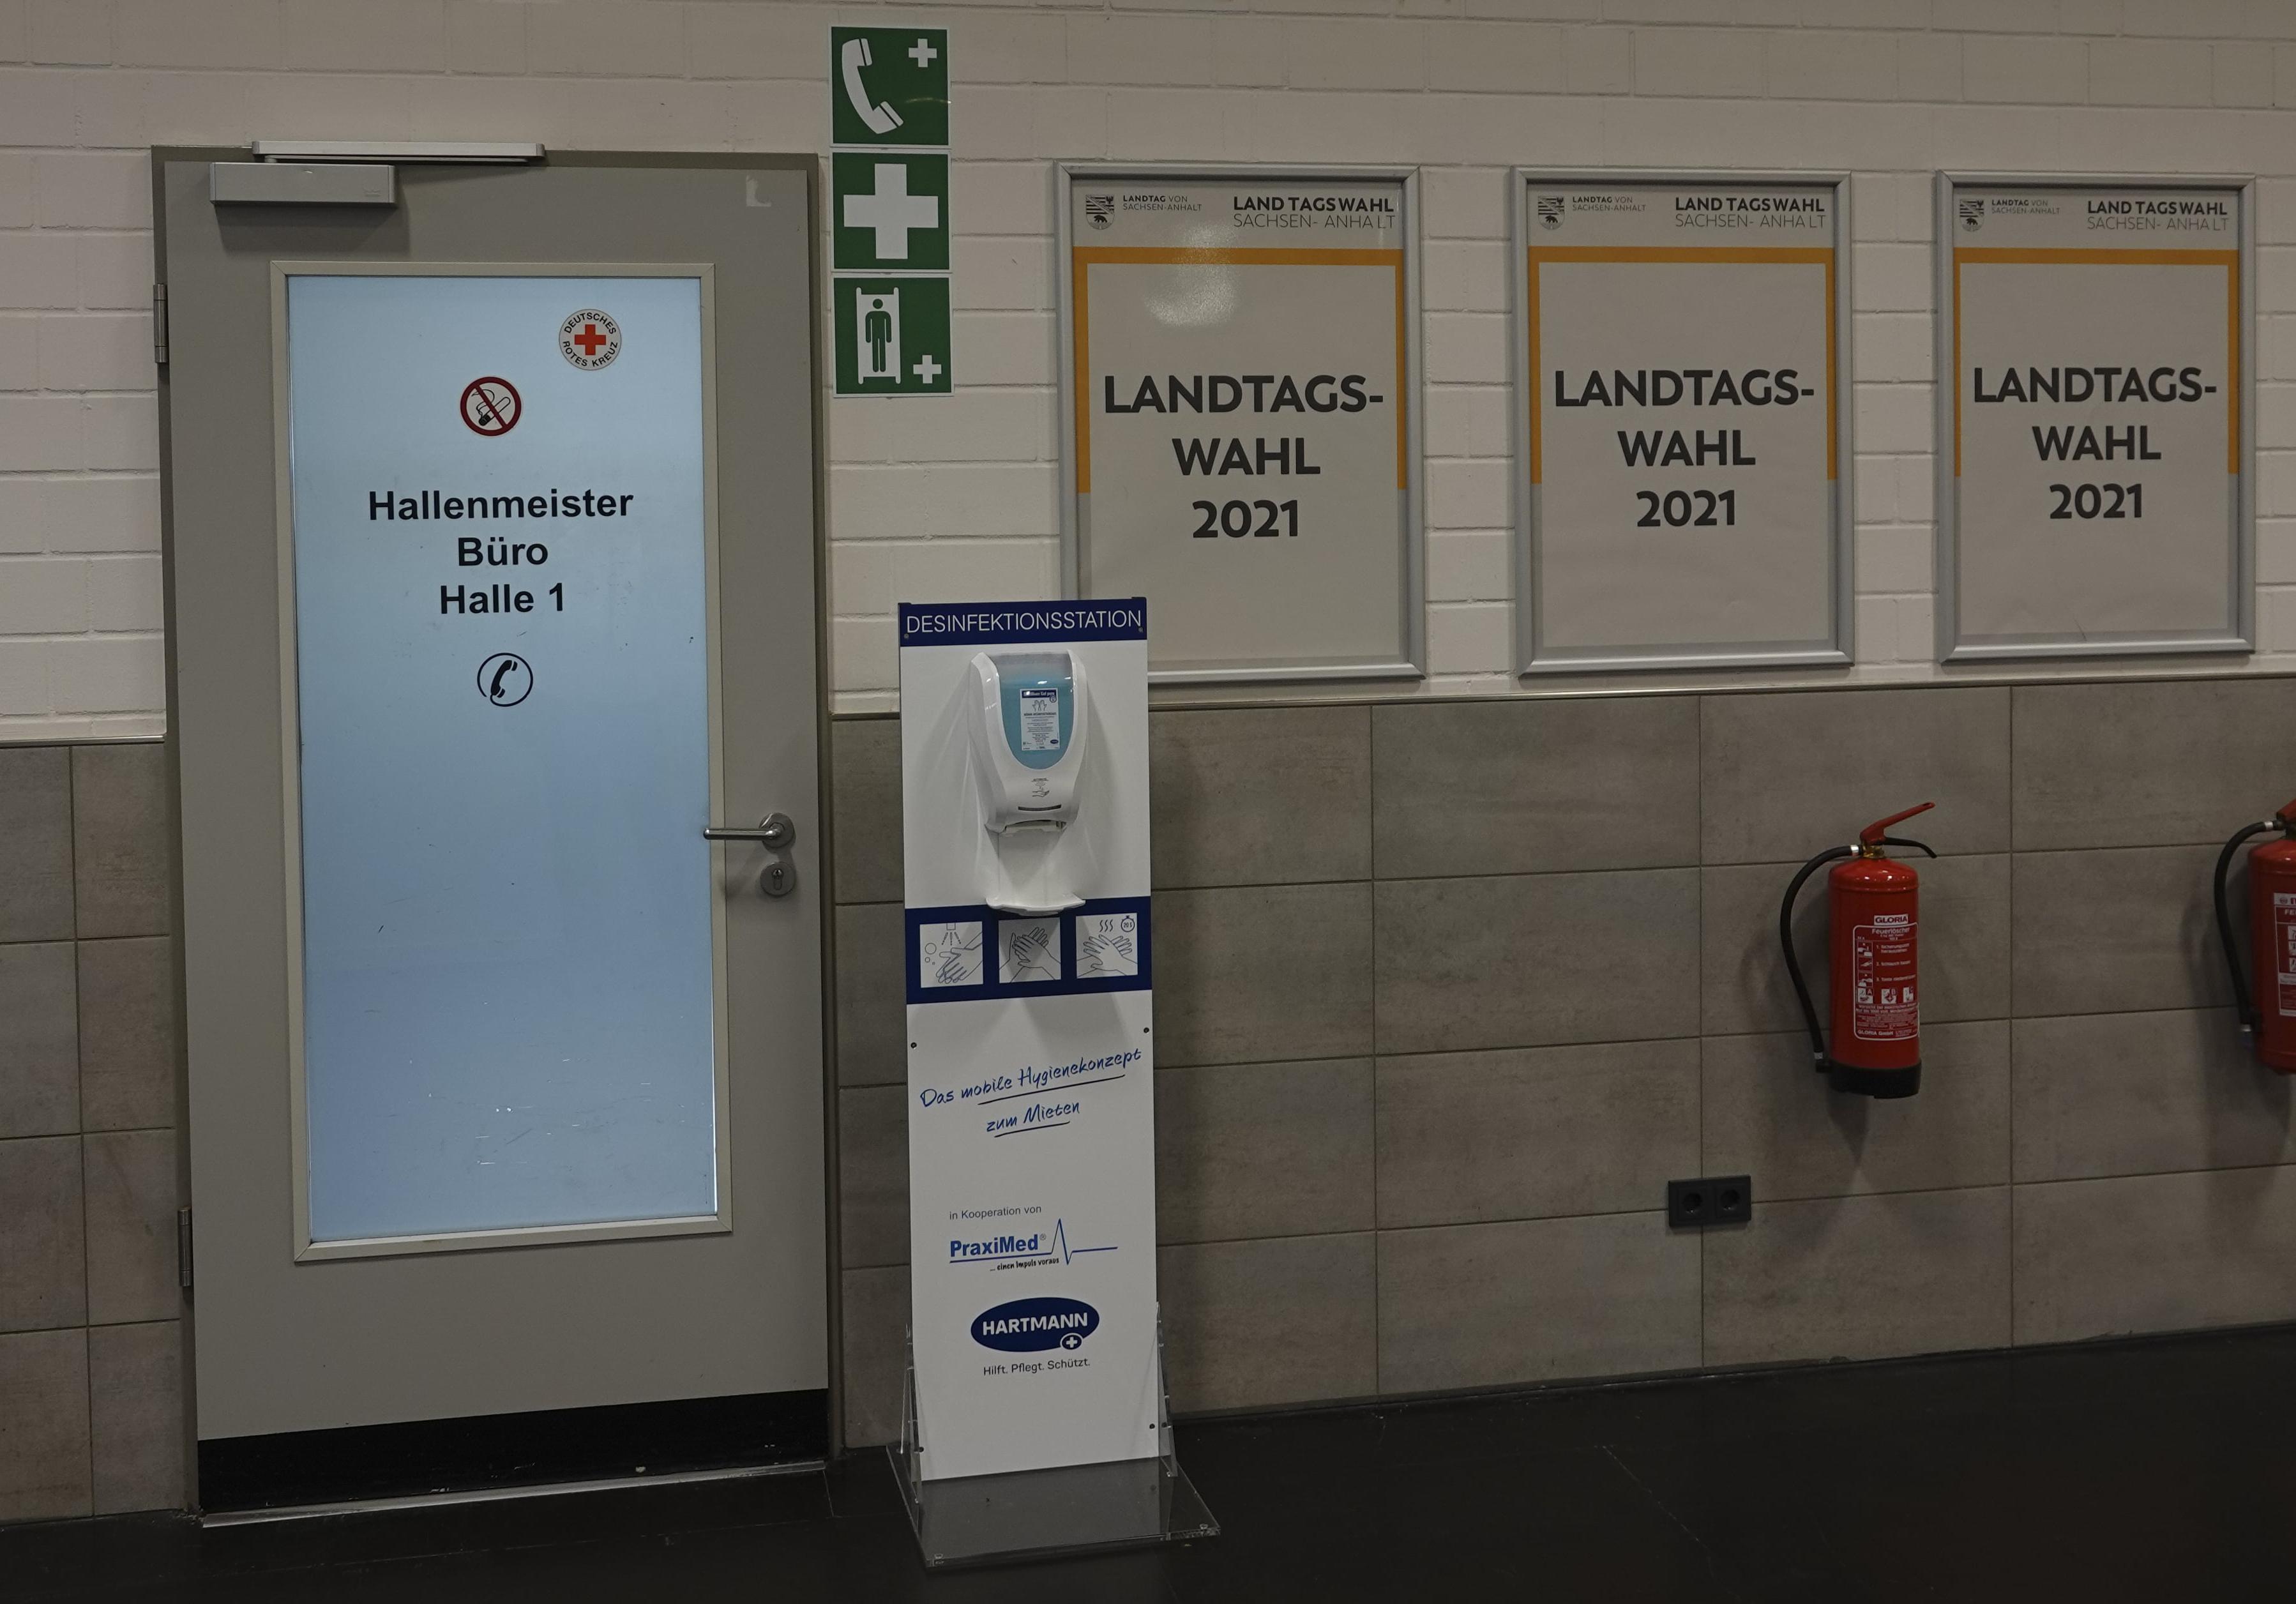 Landtagswahl Sachsen-Anhalt 2021-Bild